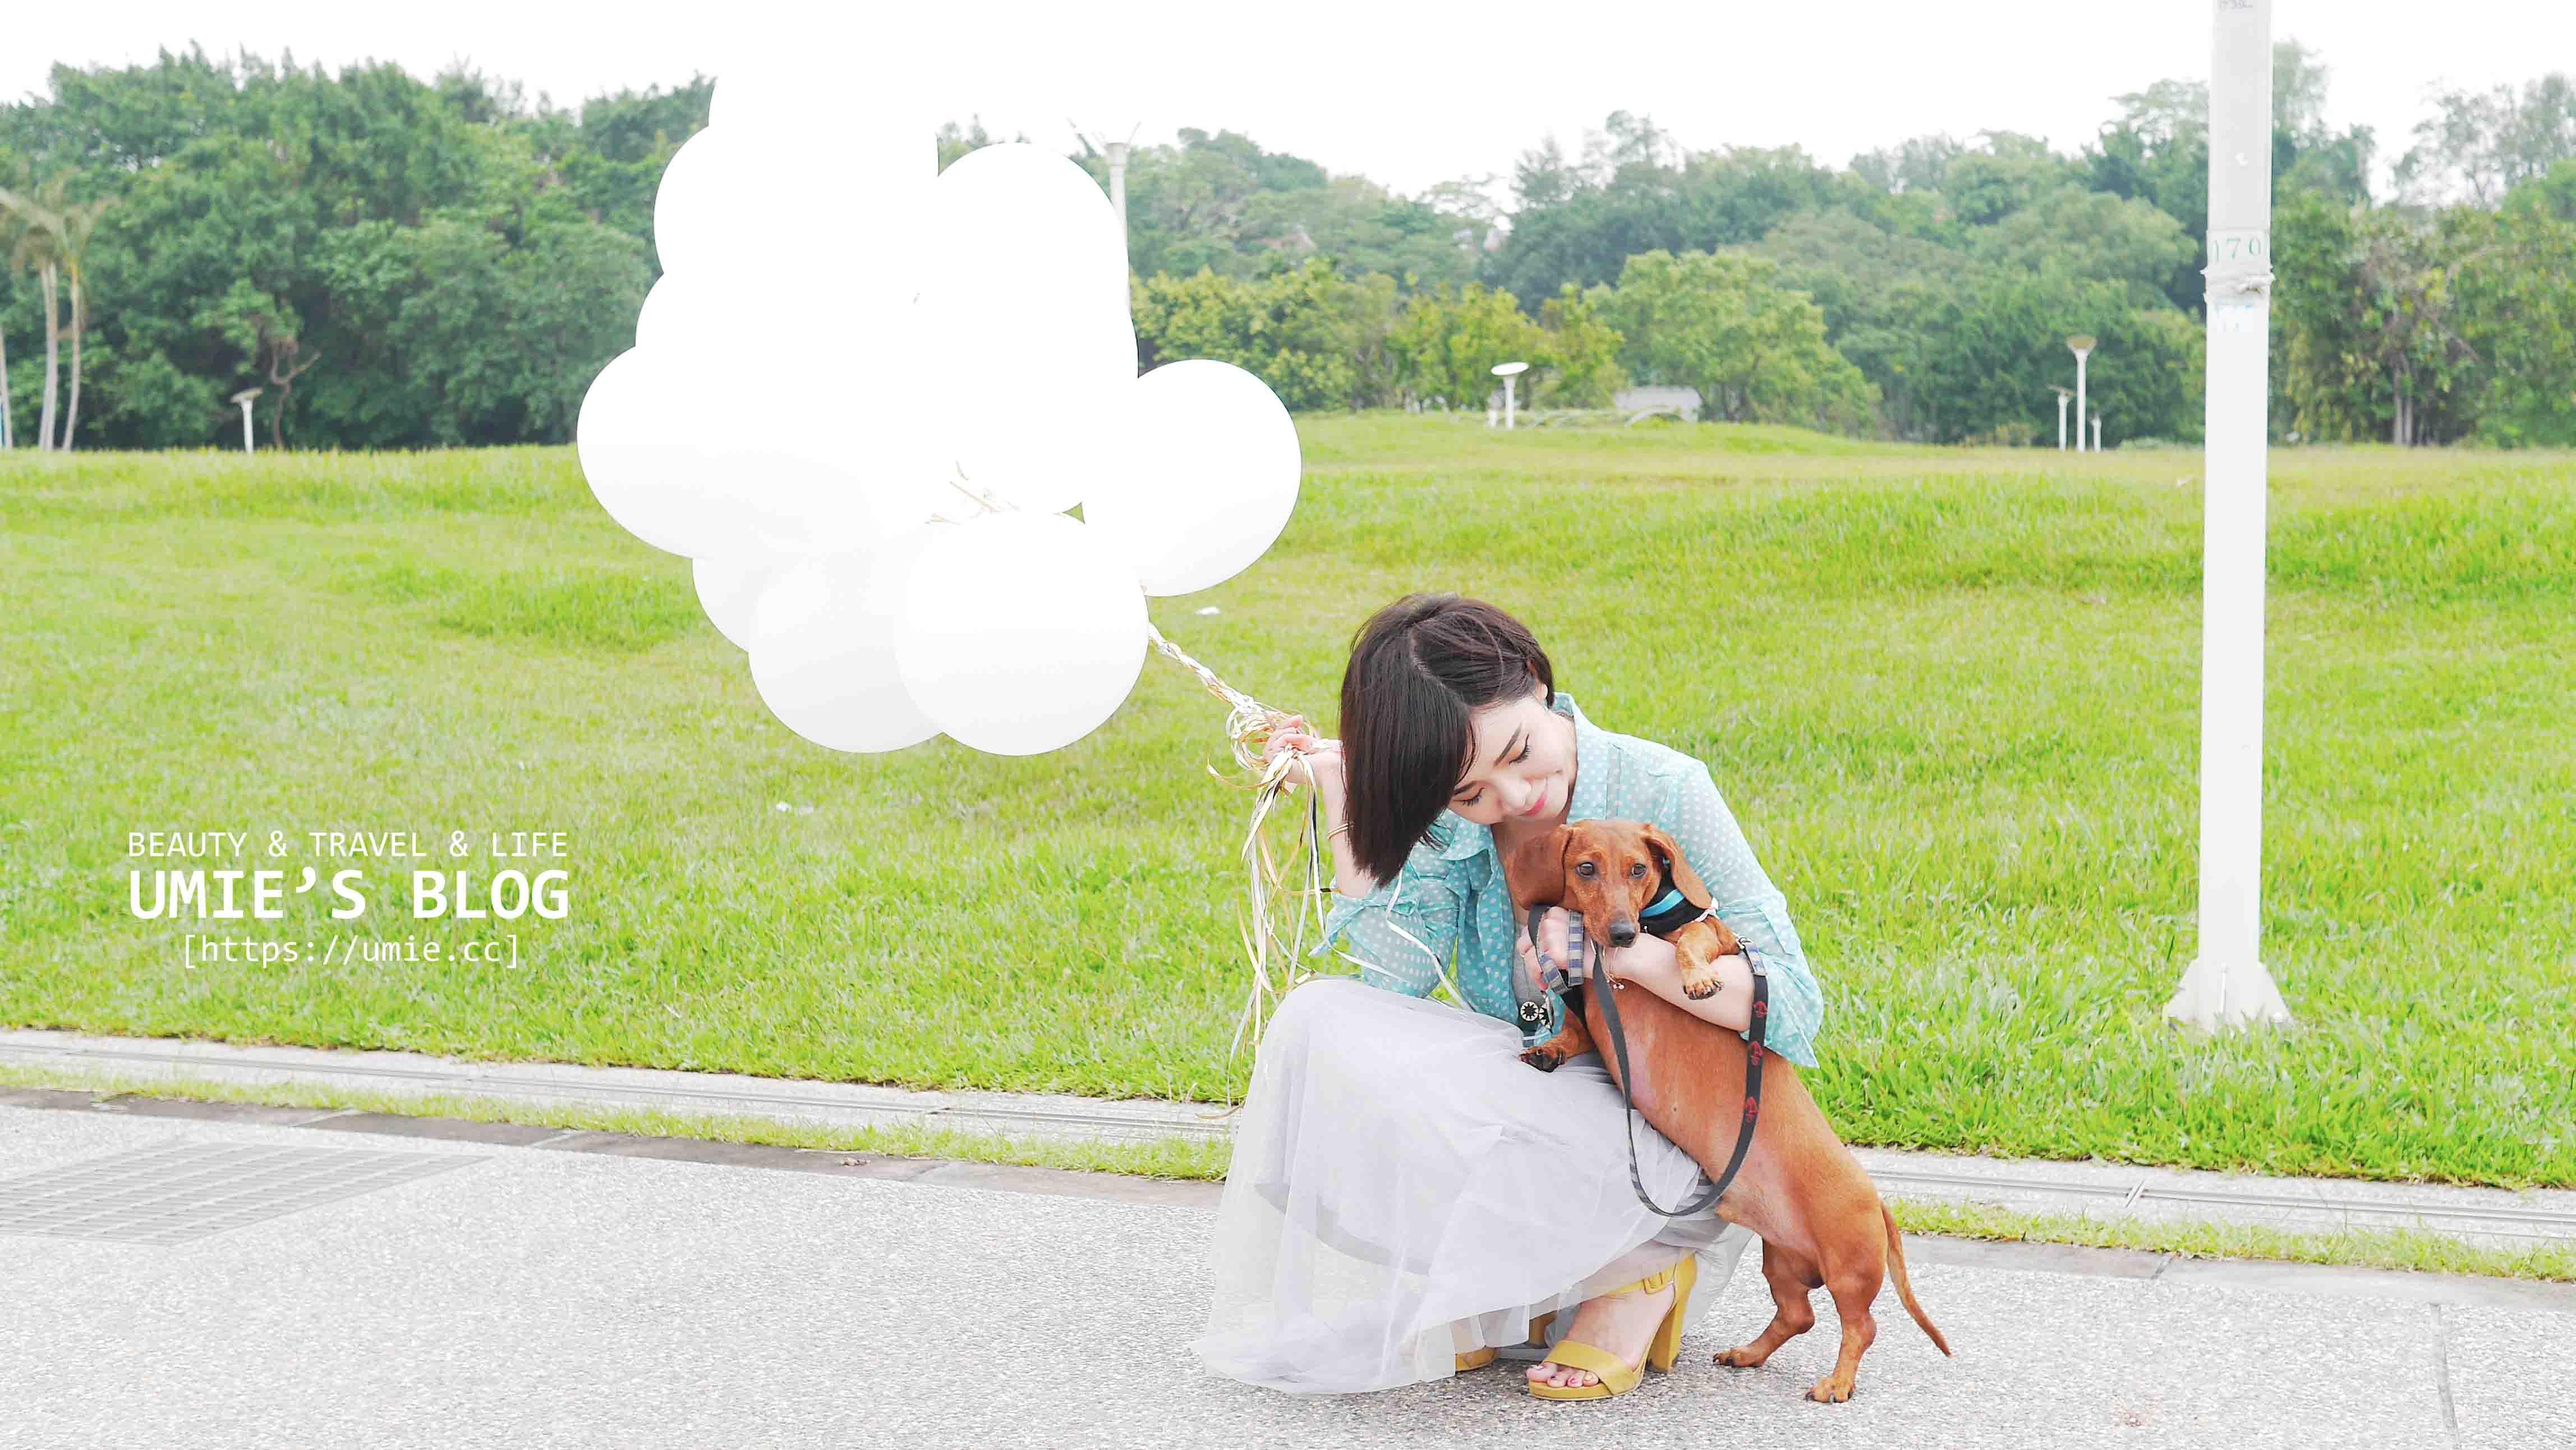 公益桌曆 2016 年愛心桌曆義賣活動開始了!一起用愛心幫助流浪動物、弱勢兒童團體!plus [養寵物前,你需要知道的事。有養狗/貓念頭的人必看!]